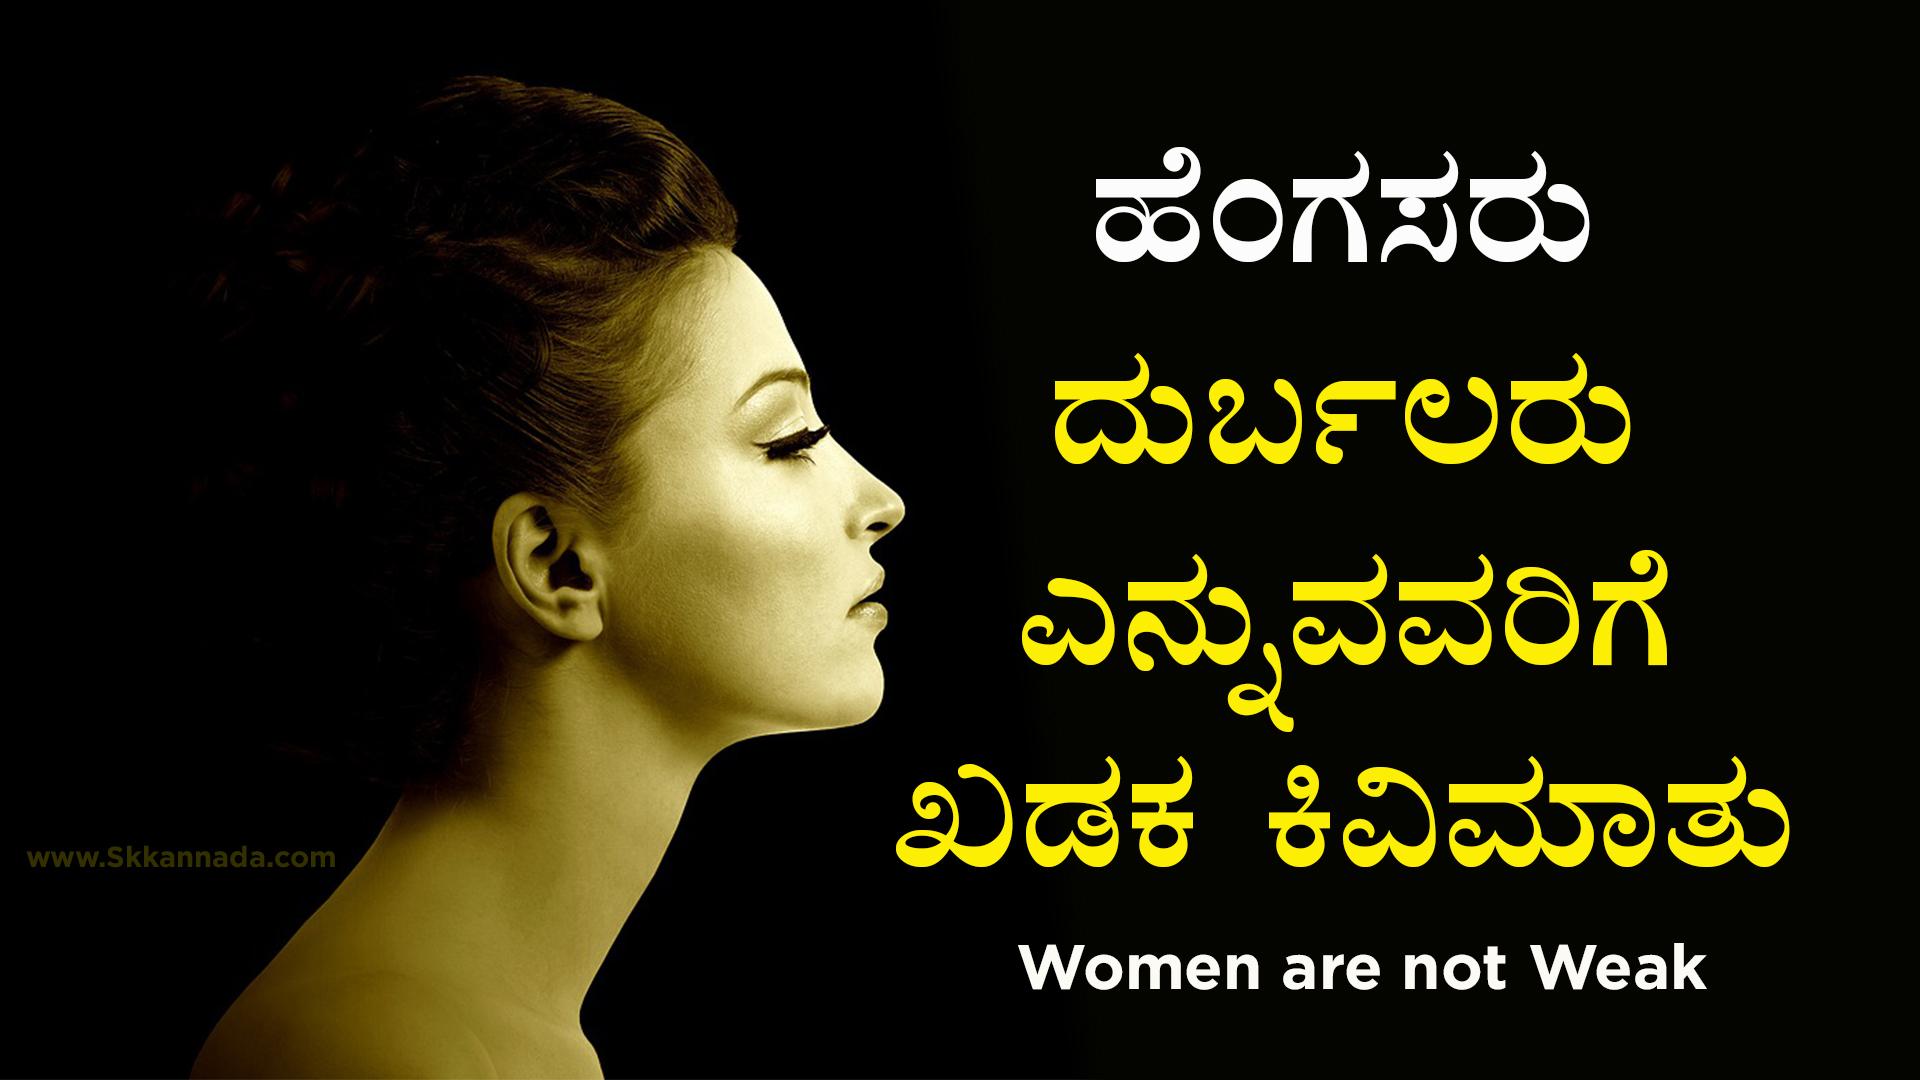 ಹೆಂಗಸರು ದುರ್ಬಲರು ಎನ್ನುವವರಿಗೆ ಖಡಕ ಕಿವಿಮಾತು : Women are not Weak